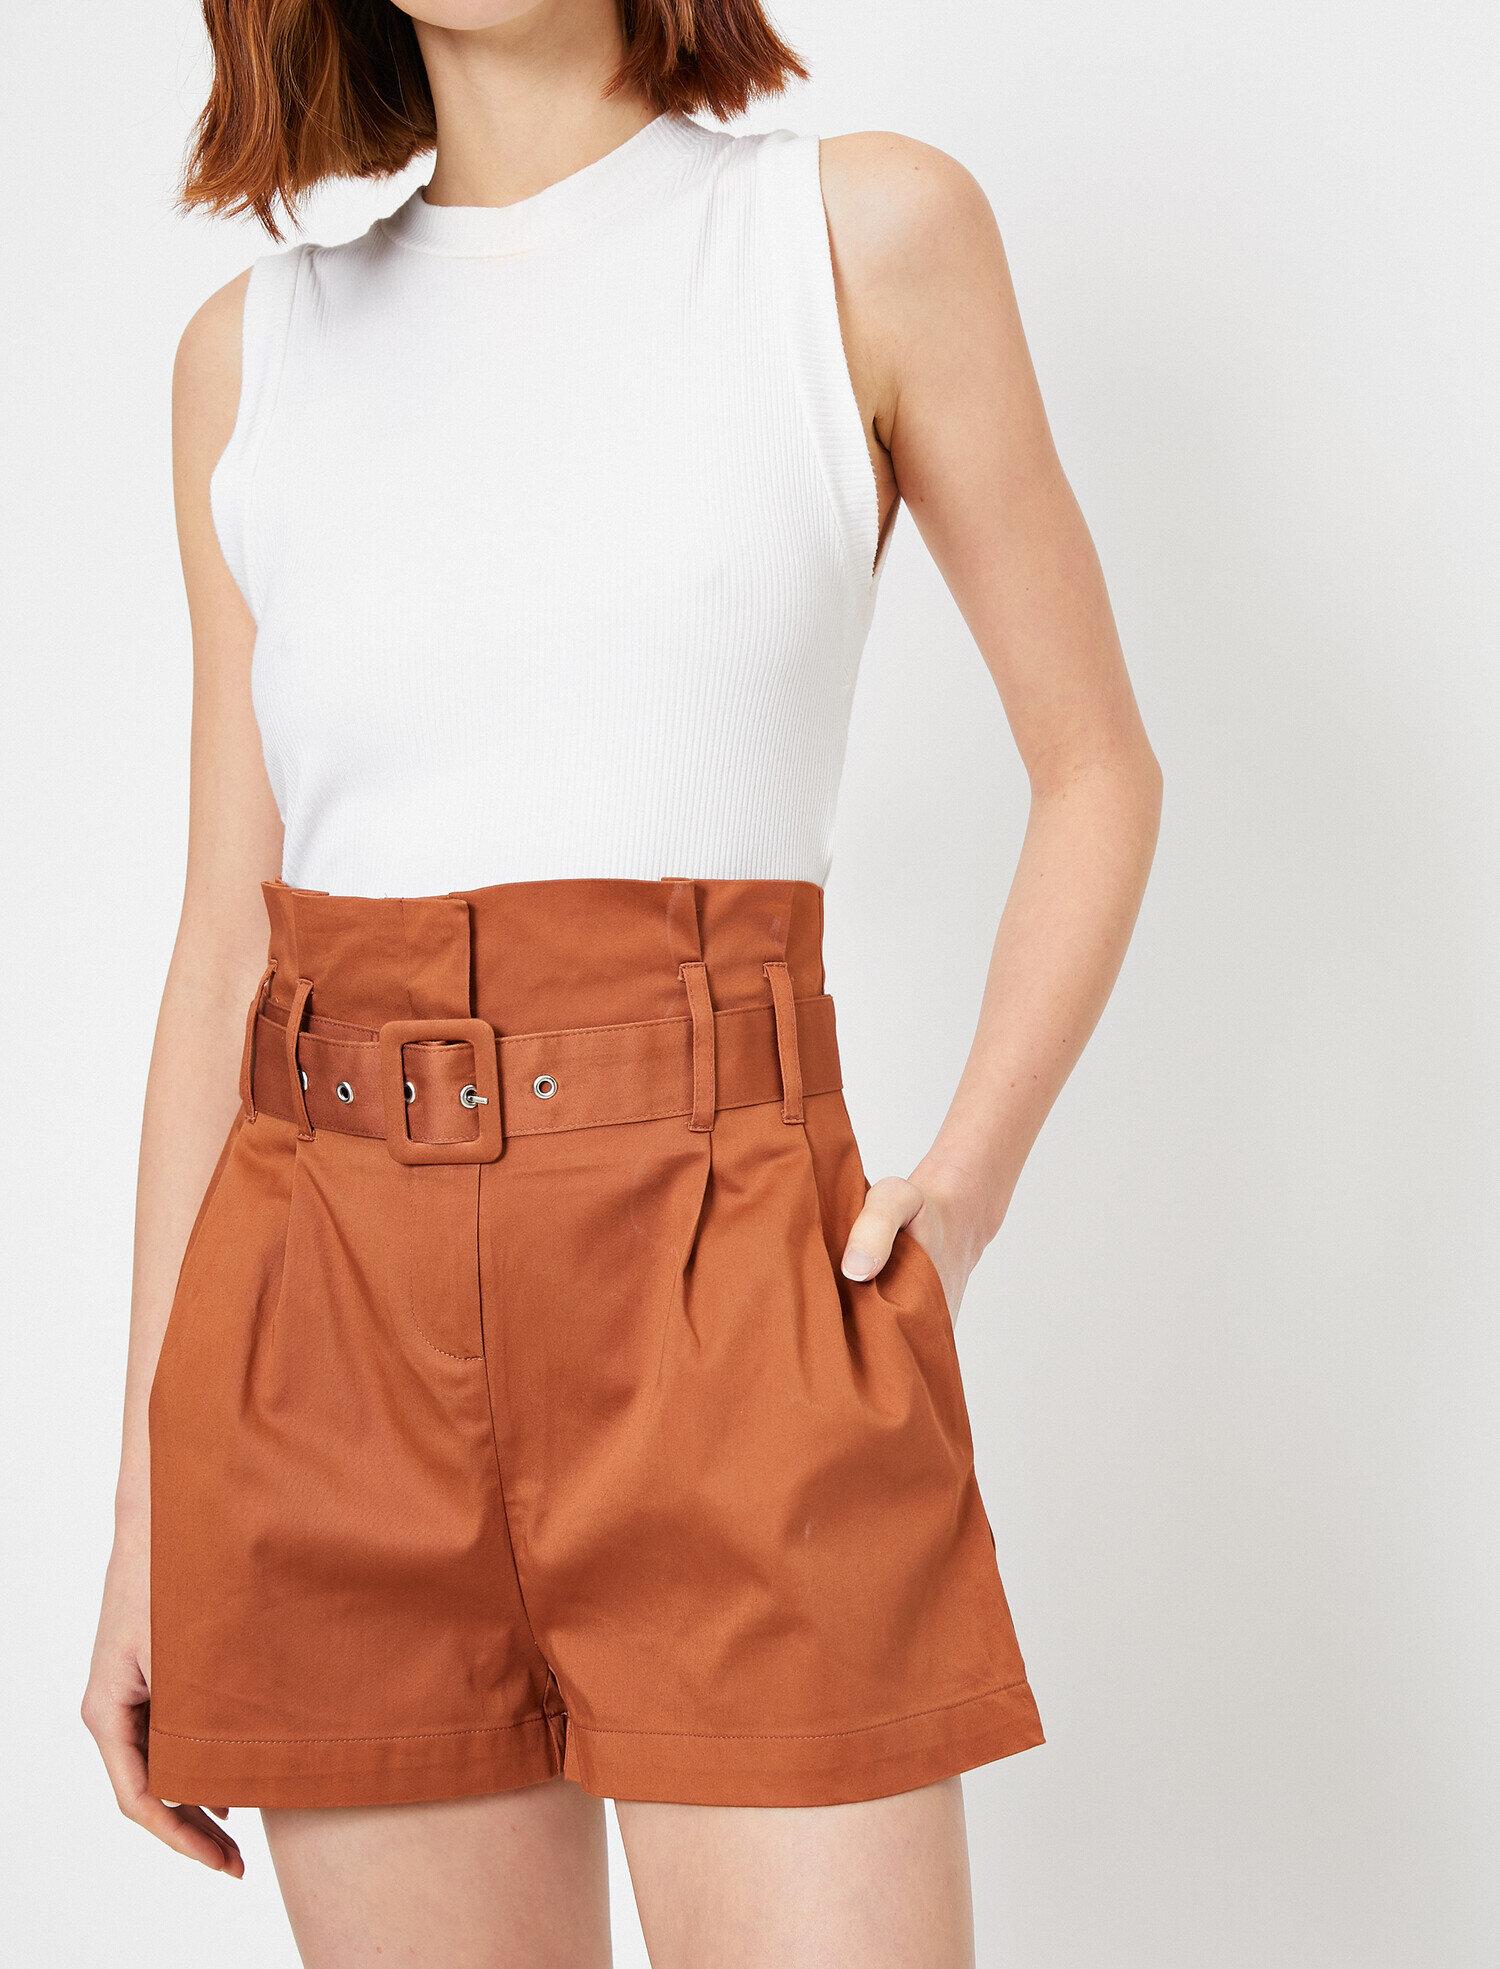 Koton Kadın Yüksek Bel Kemer Detayli Pantolon